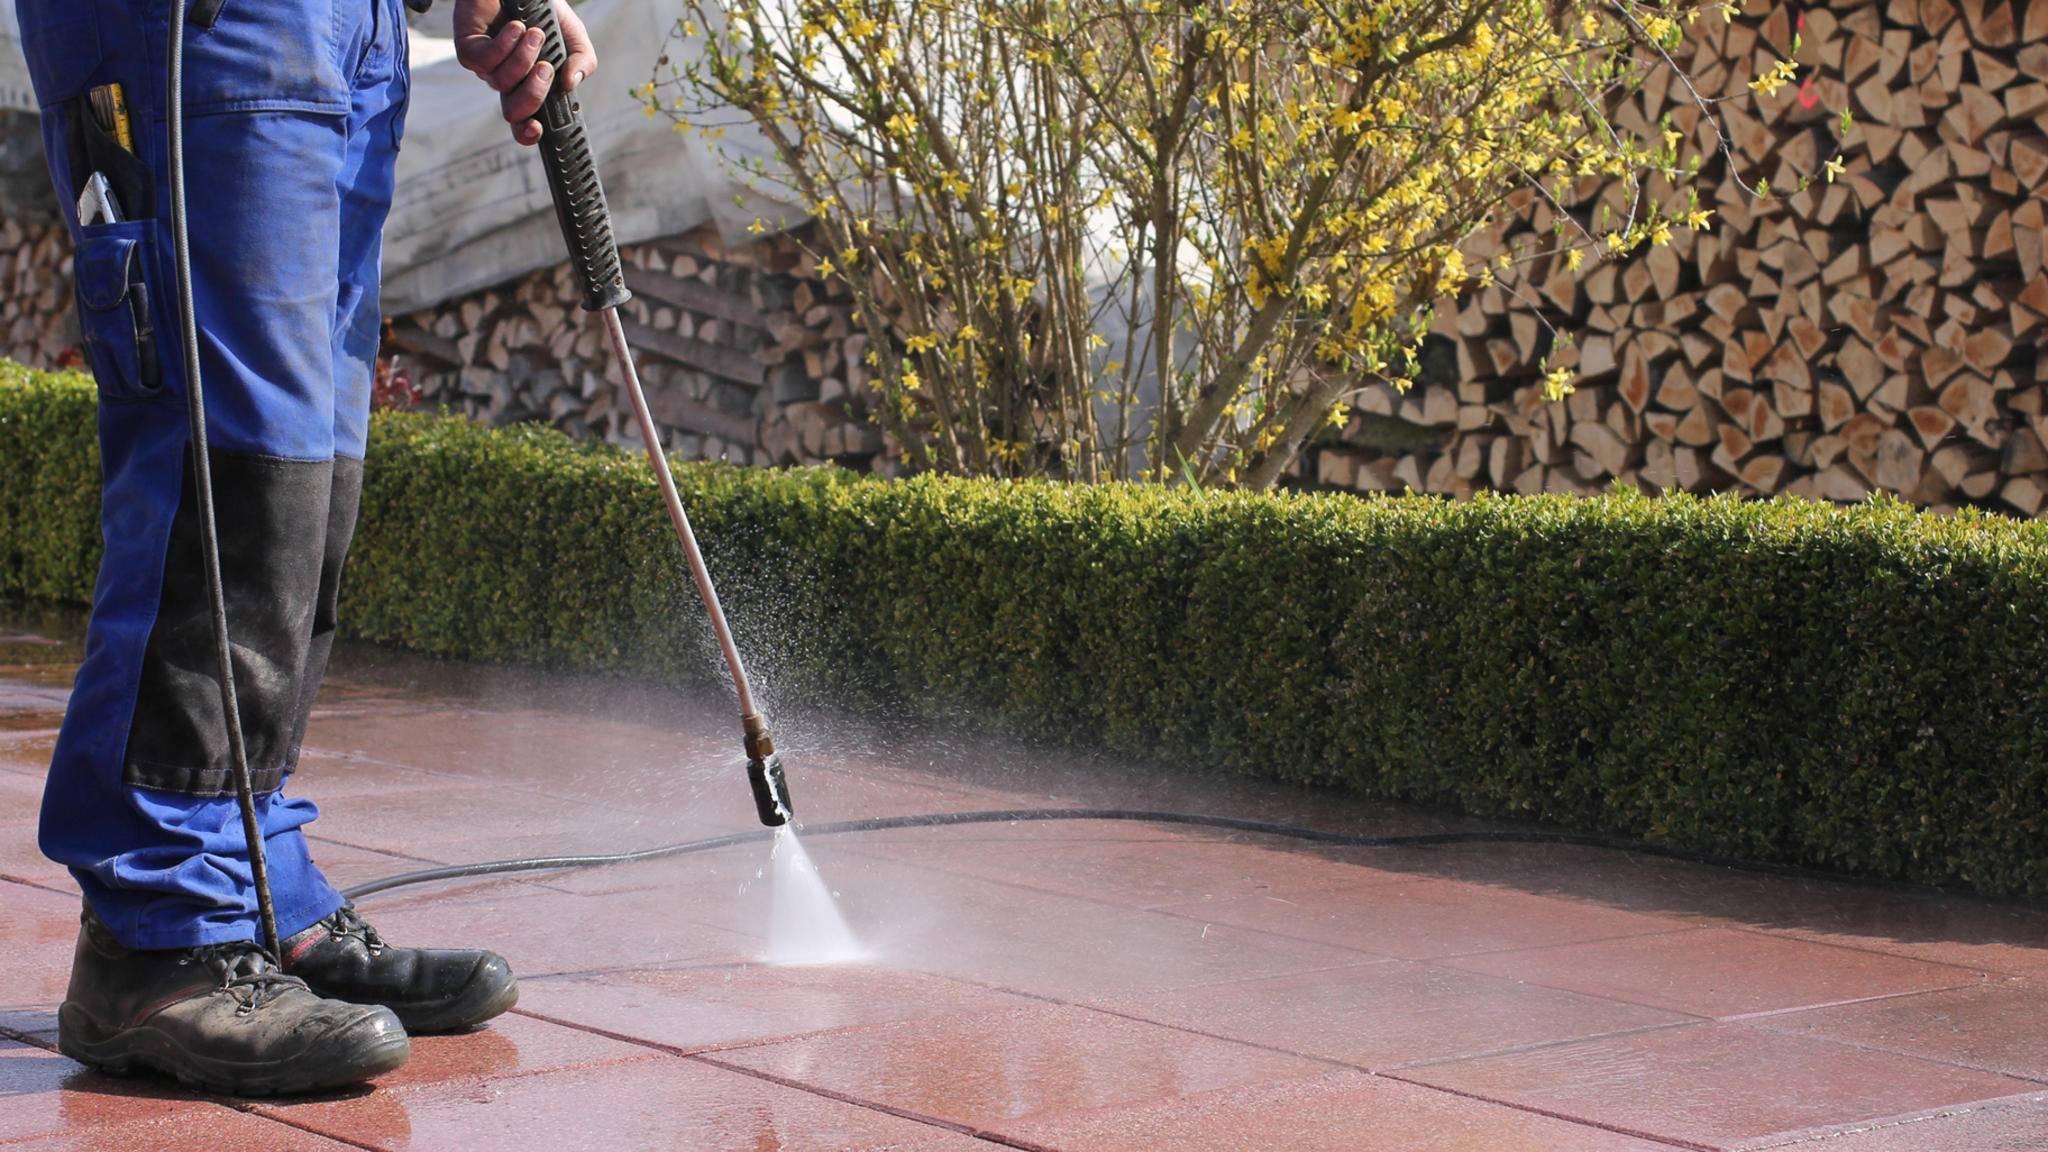 Die Terrassenreinigung mit Hochdruckreiniger ist rückenschonend – und macht Spaß.